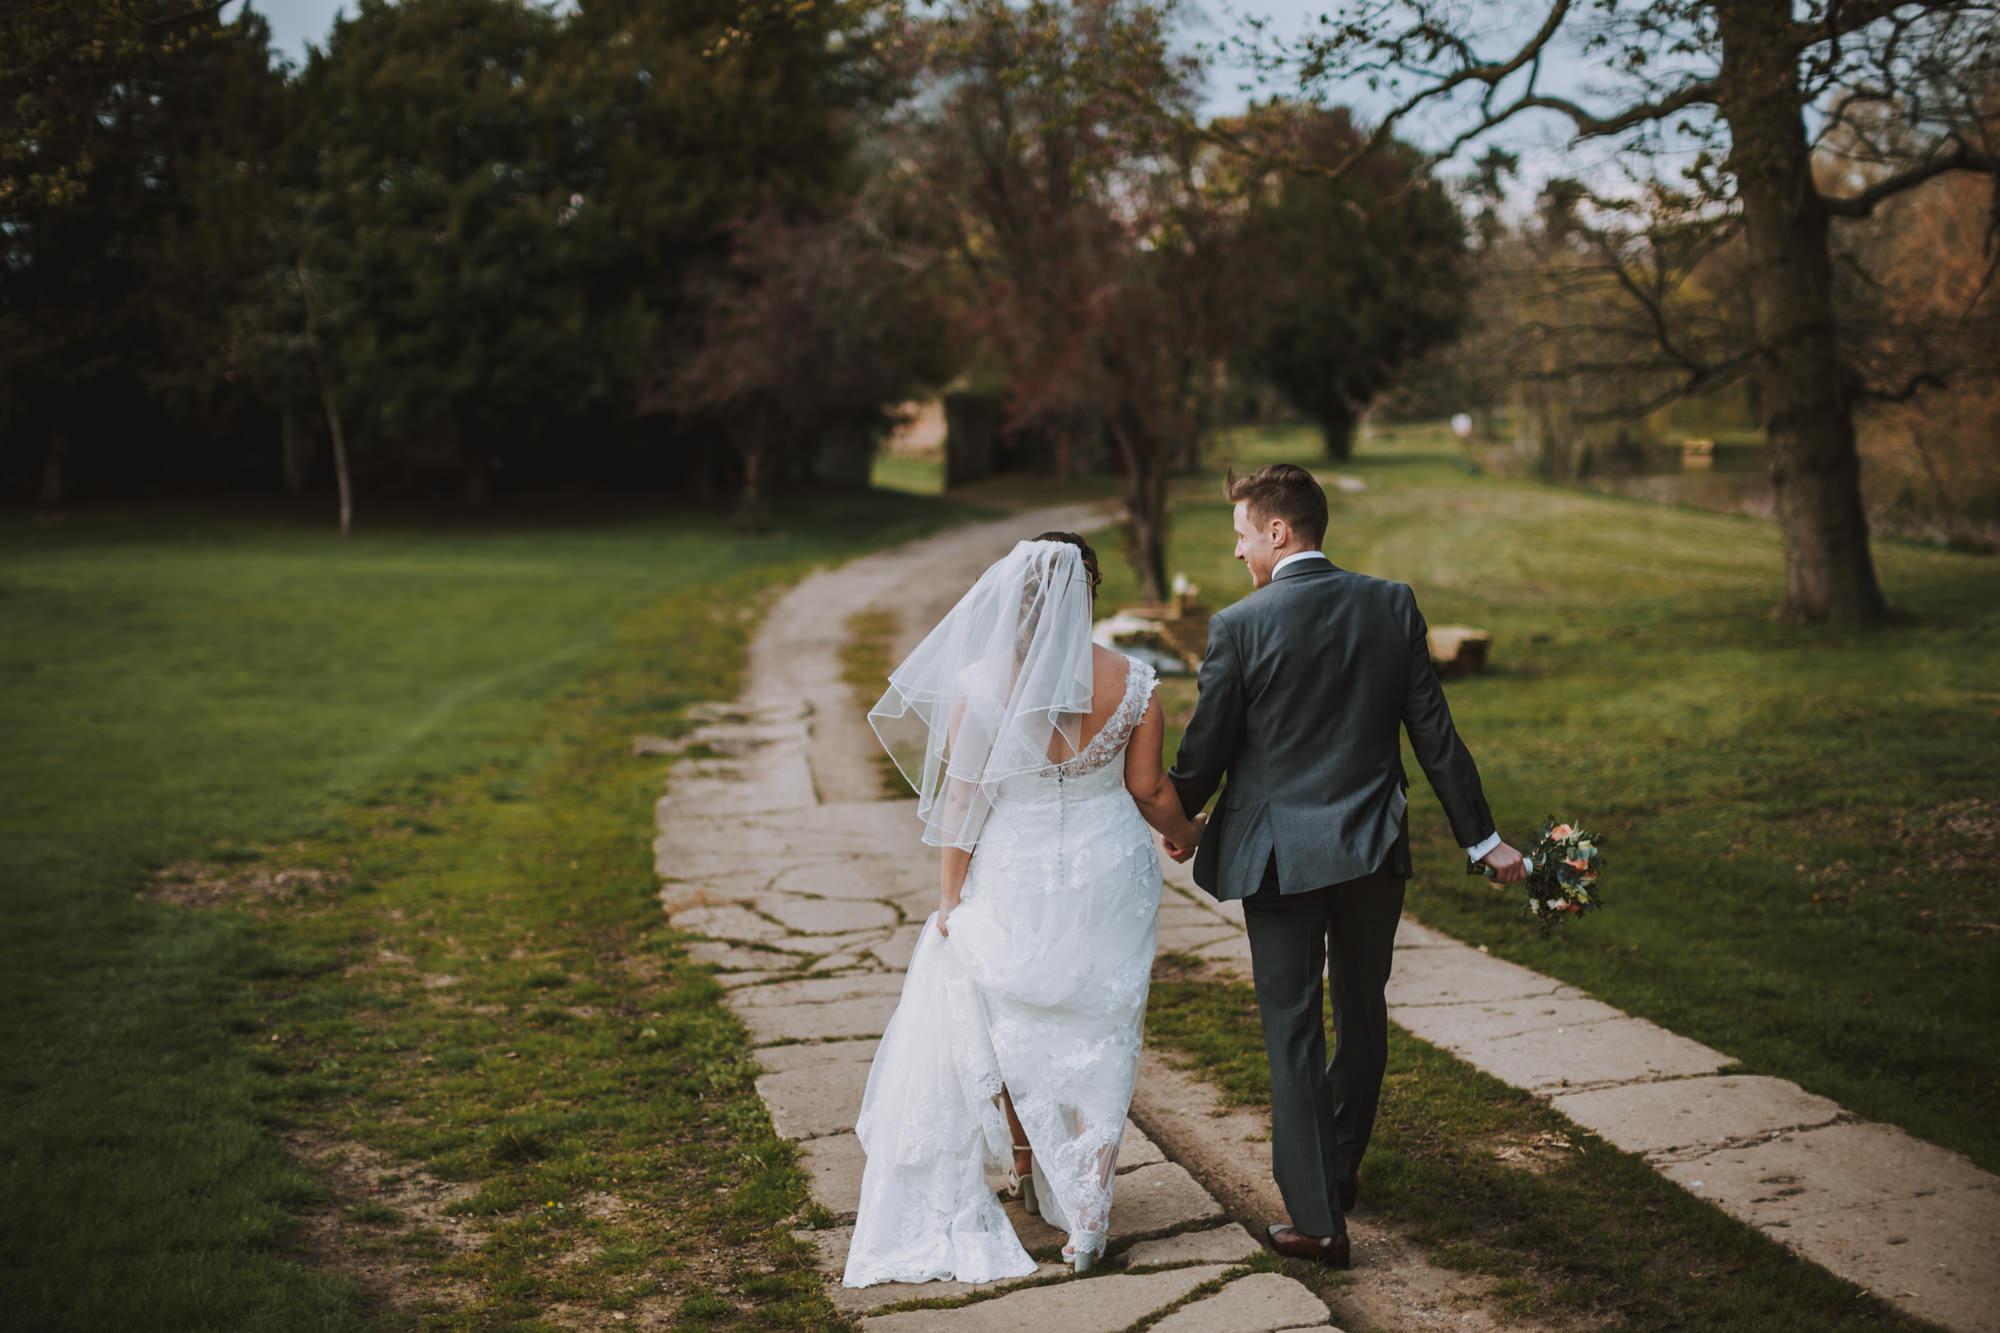 wedding photographers in buckinghamshire-26.jpg